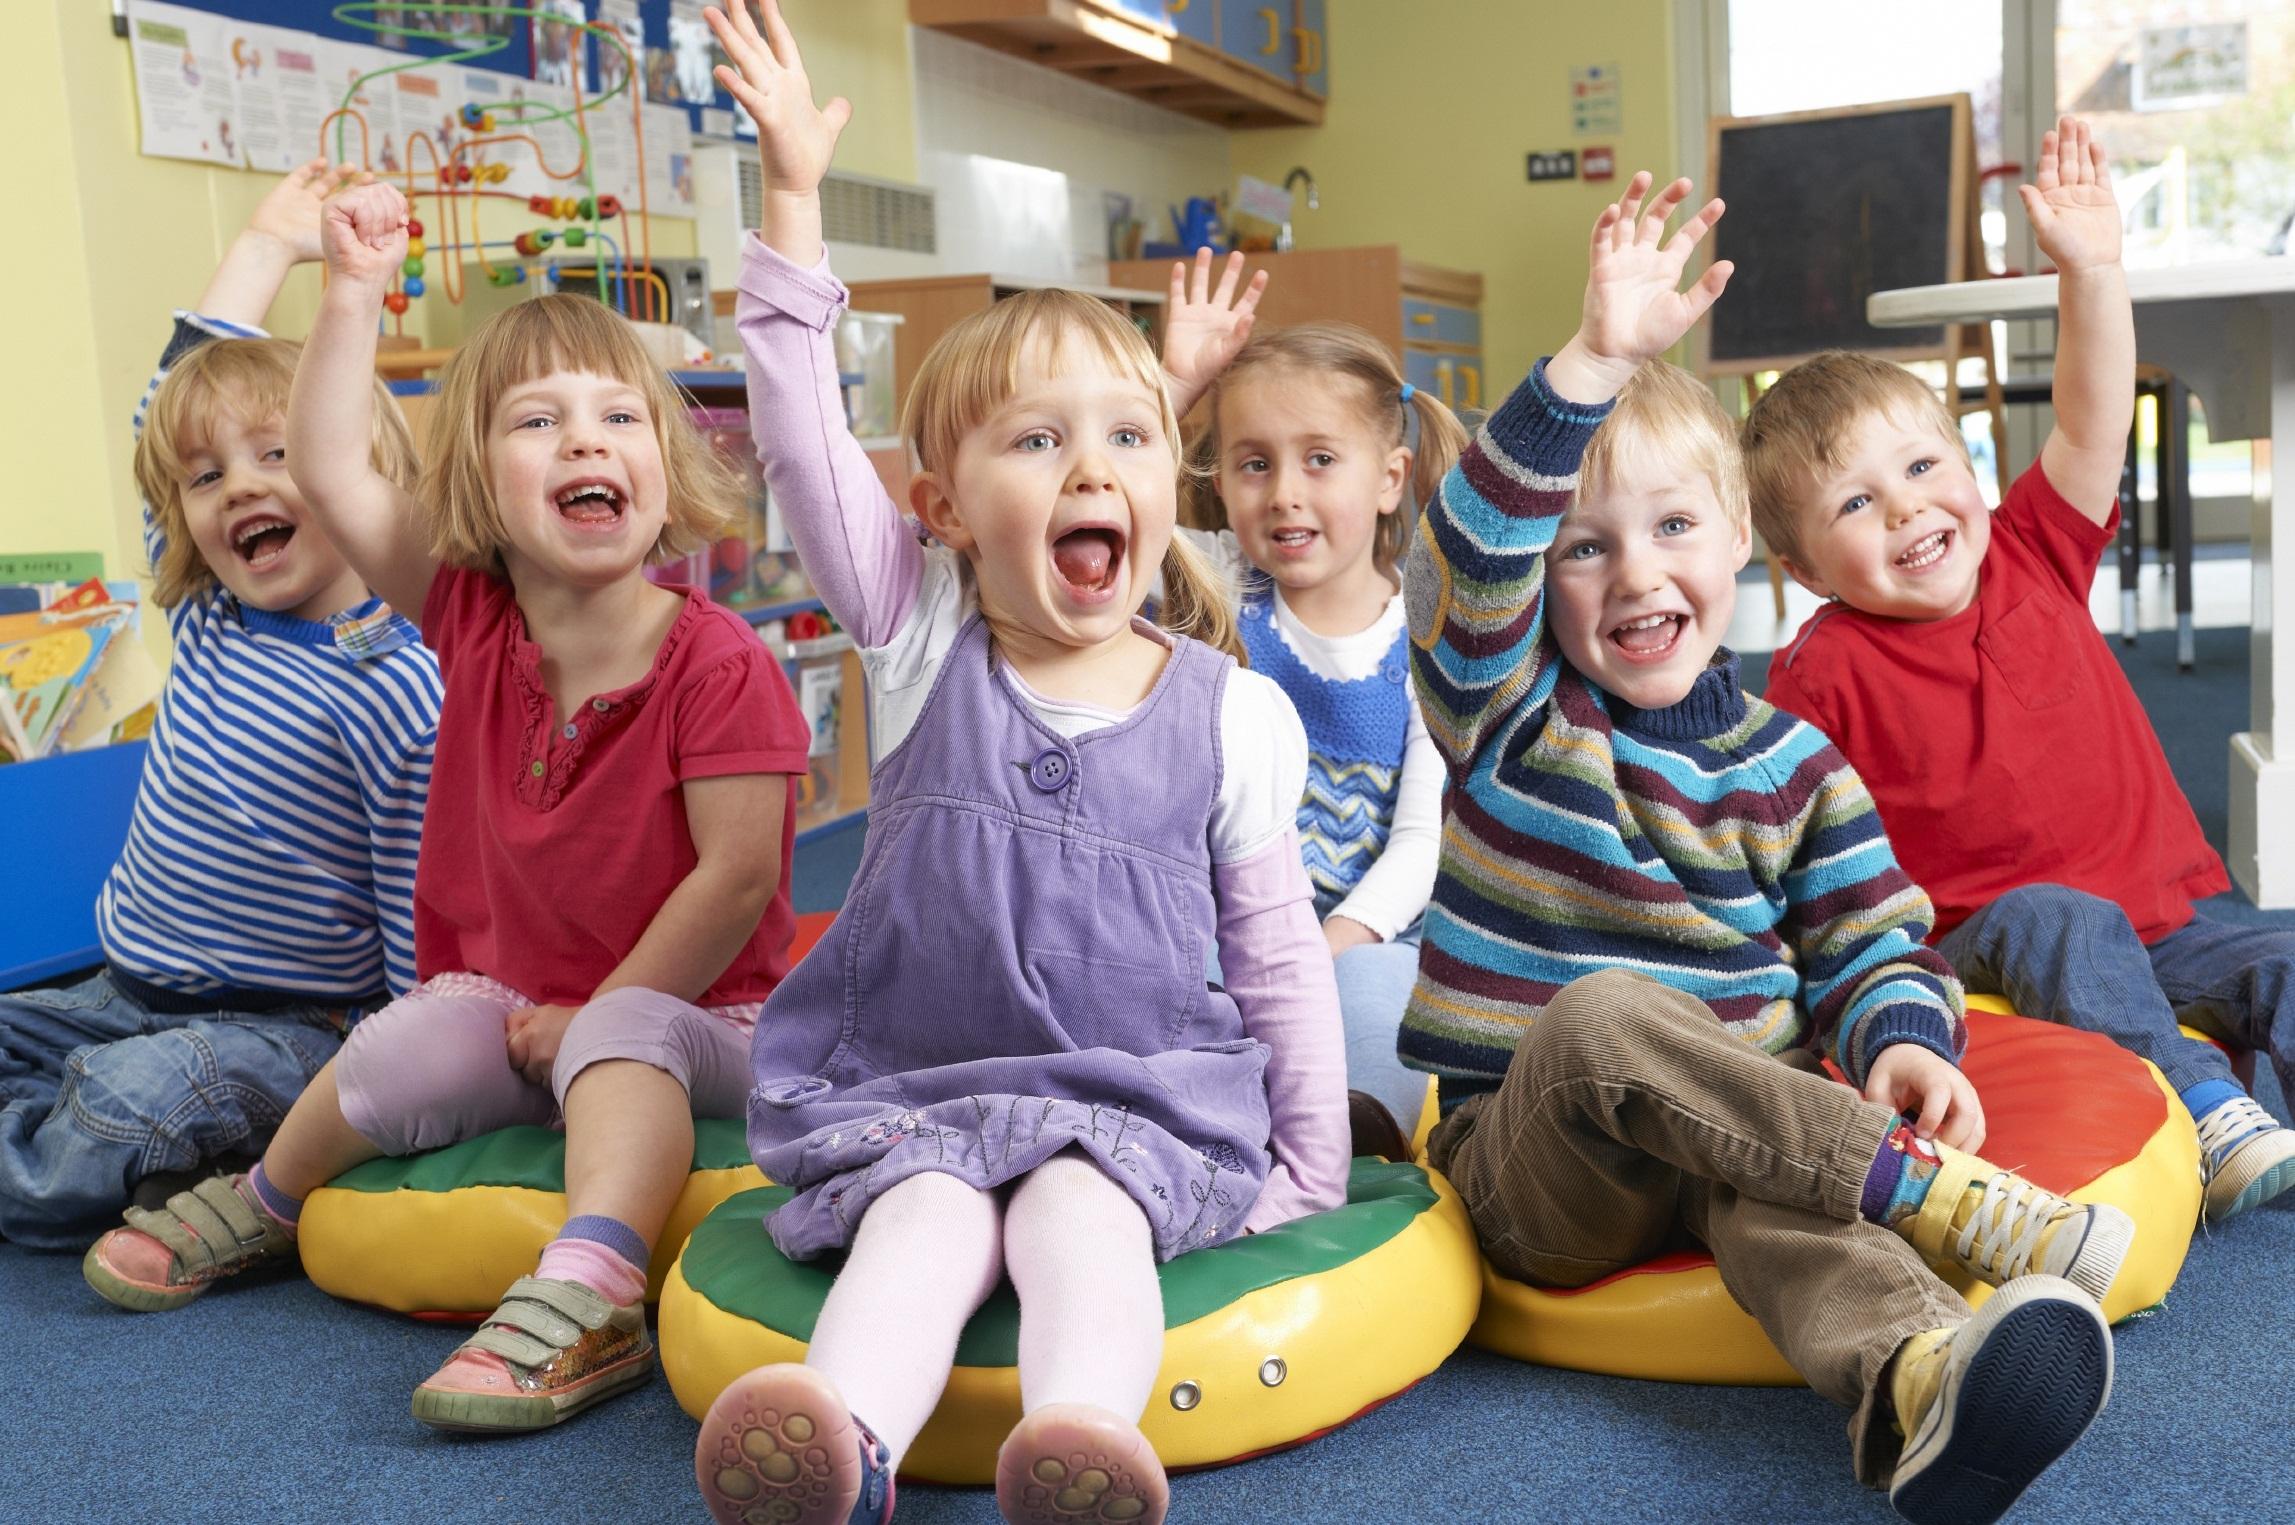 #щасливі_діти: Ваша дитина відвідує садок? Пропонуйте своє бачення створення комфортних умов